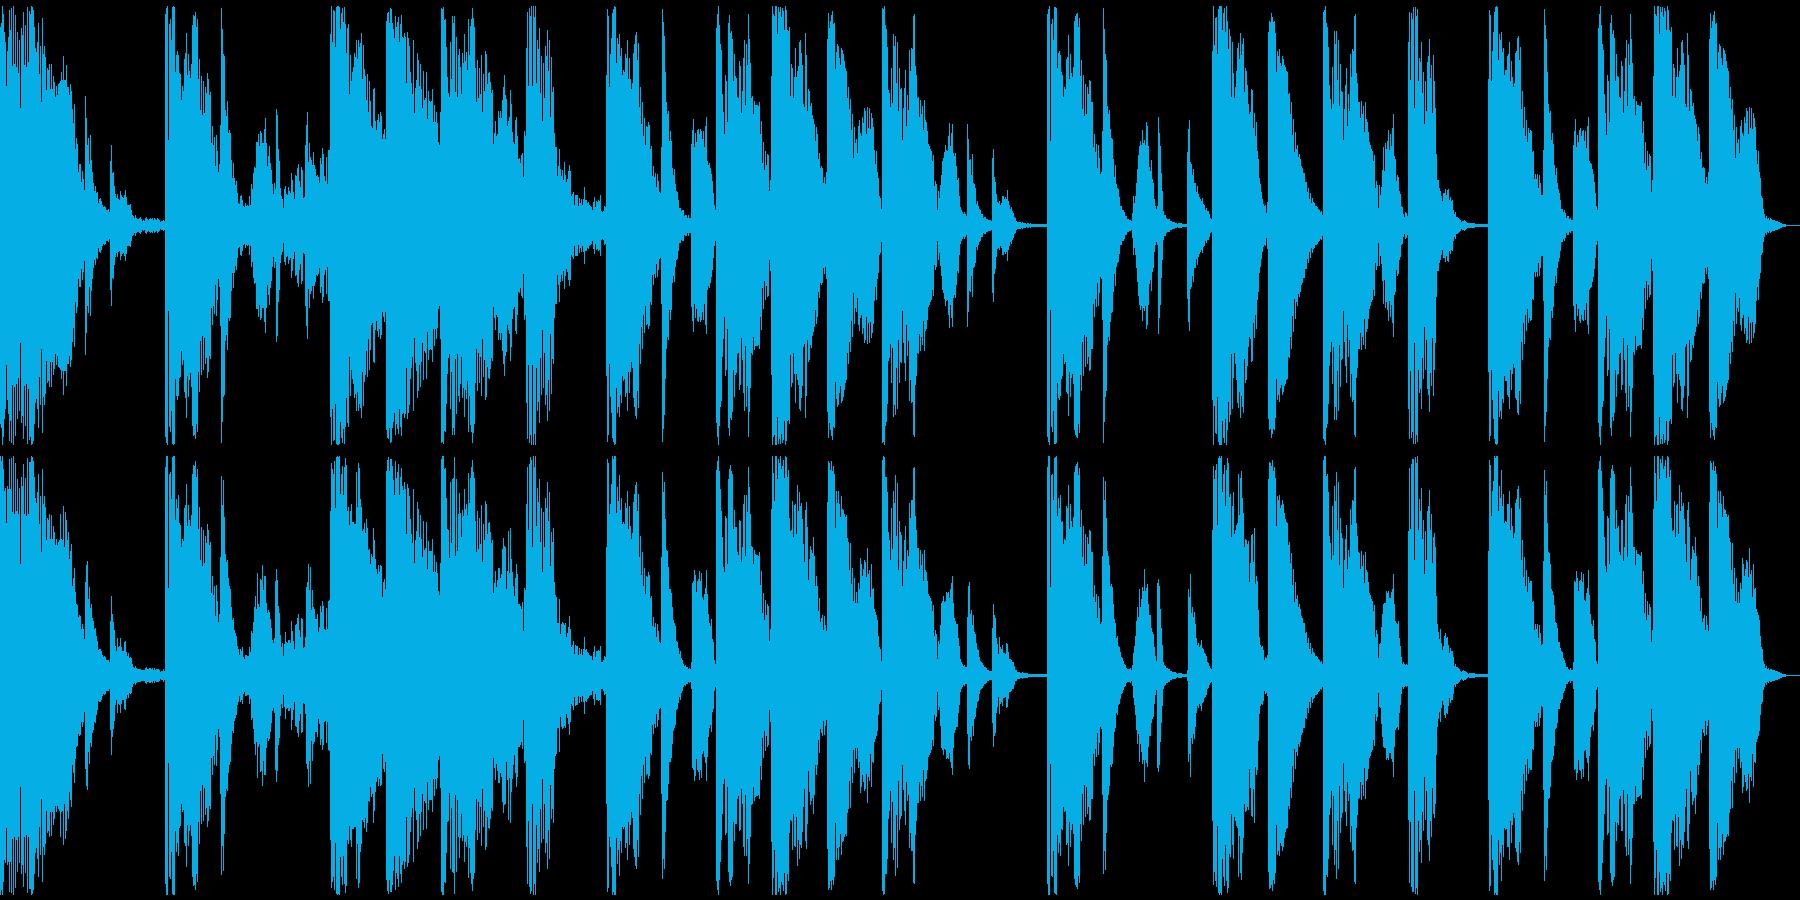 【ミステリアス】ロング1、ショート1の再生済みの波形